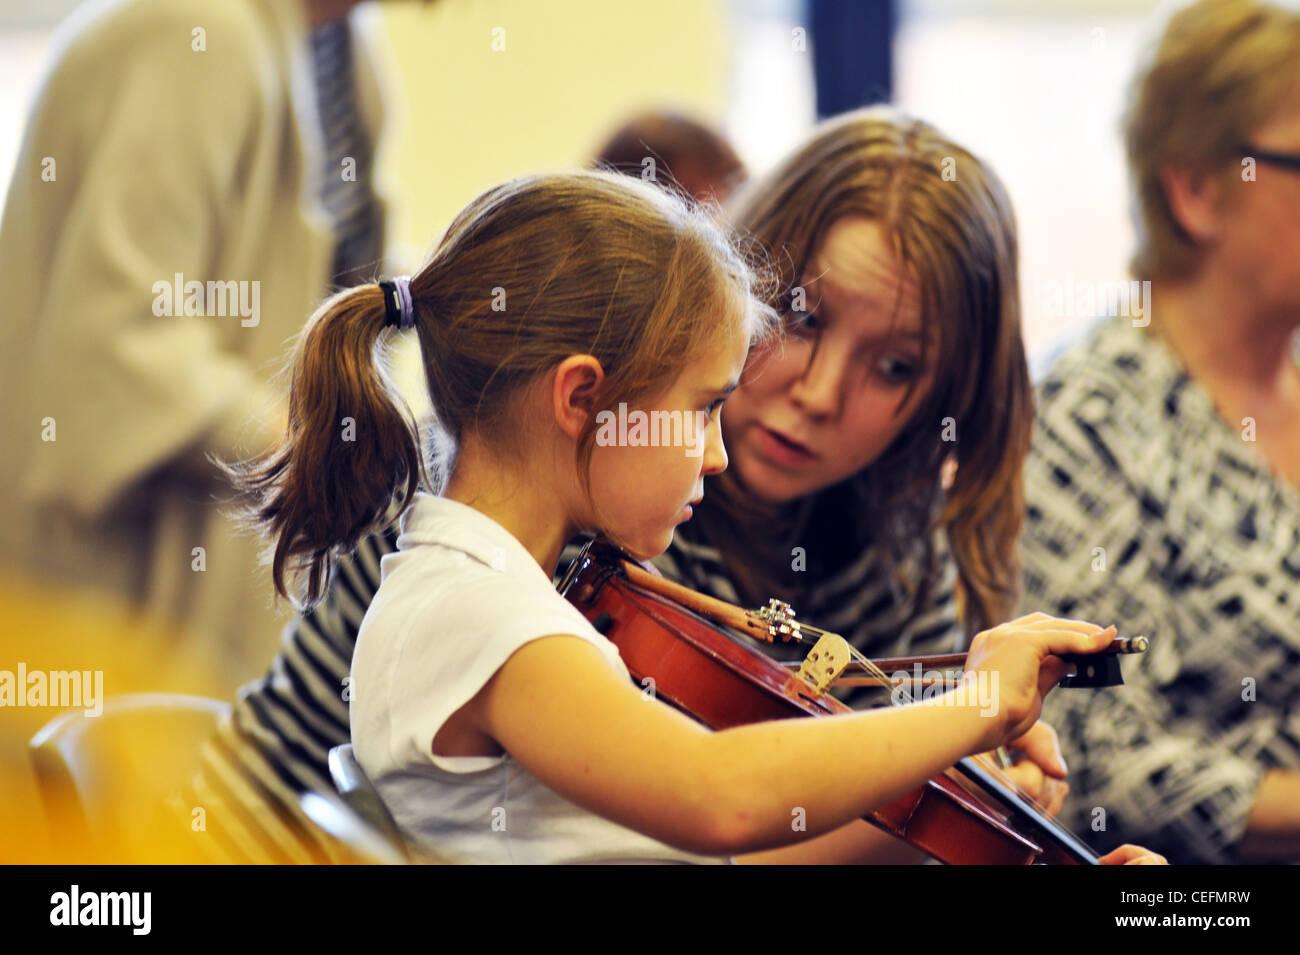 Professeur de musique donne cours de violon à 7 ans, dans une école primaire Photo Stock